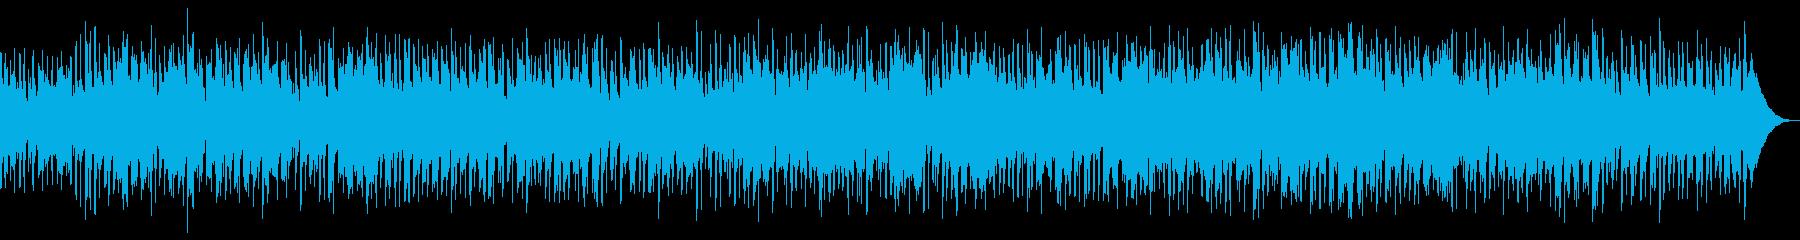 心温まるアコースティックベースのト...の再生済みの波形